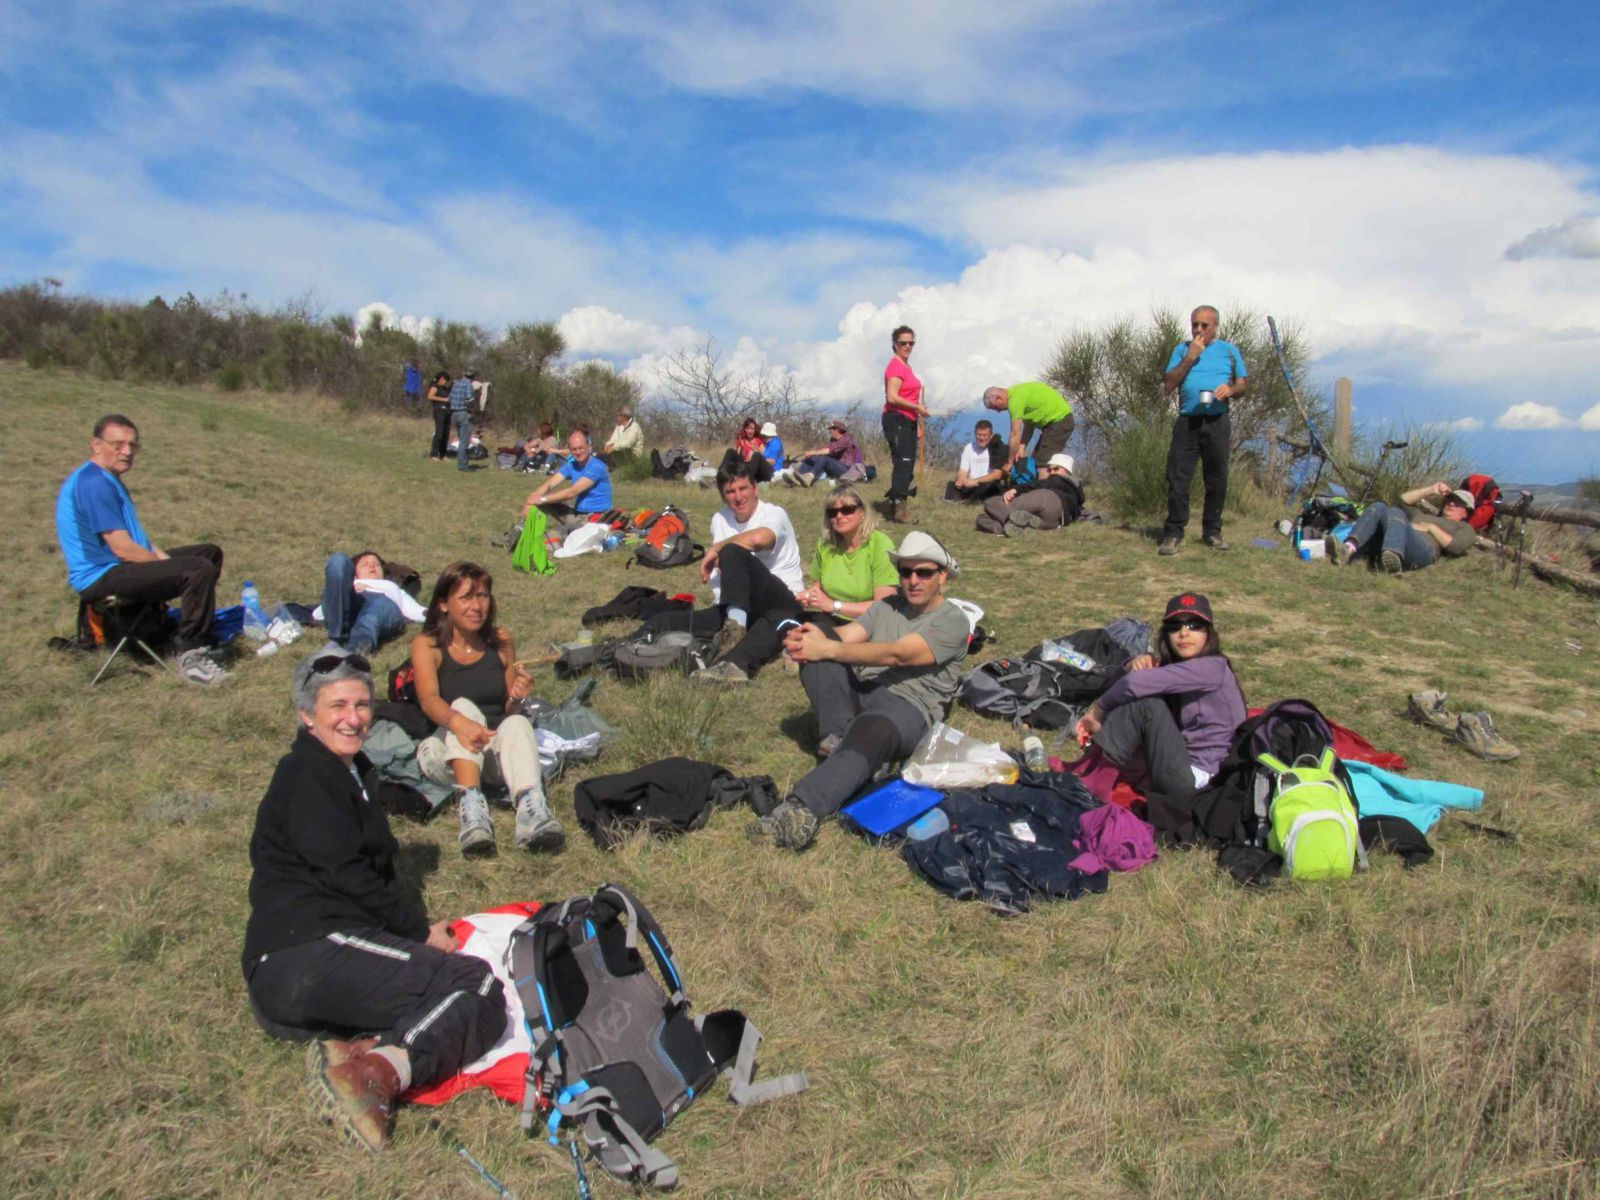 Photos prises lors des randonnées de la saison 2012-2013.